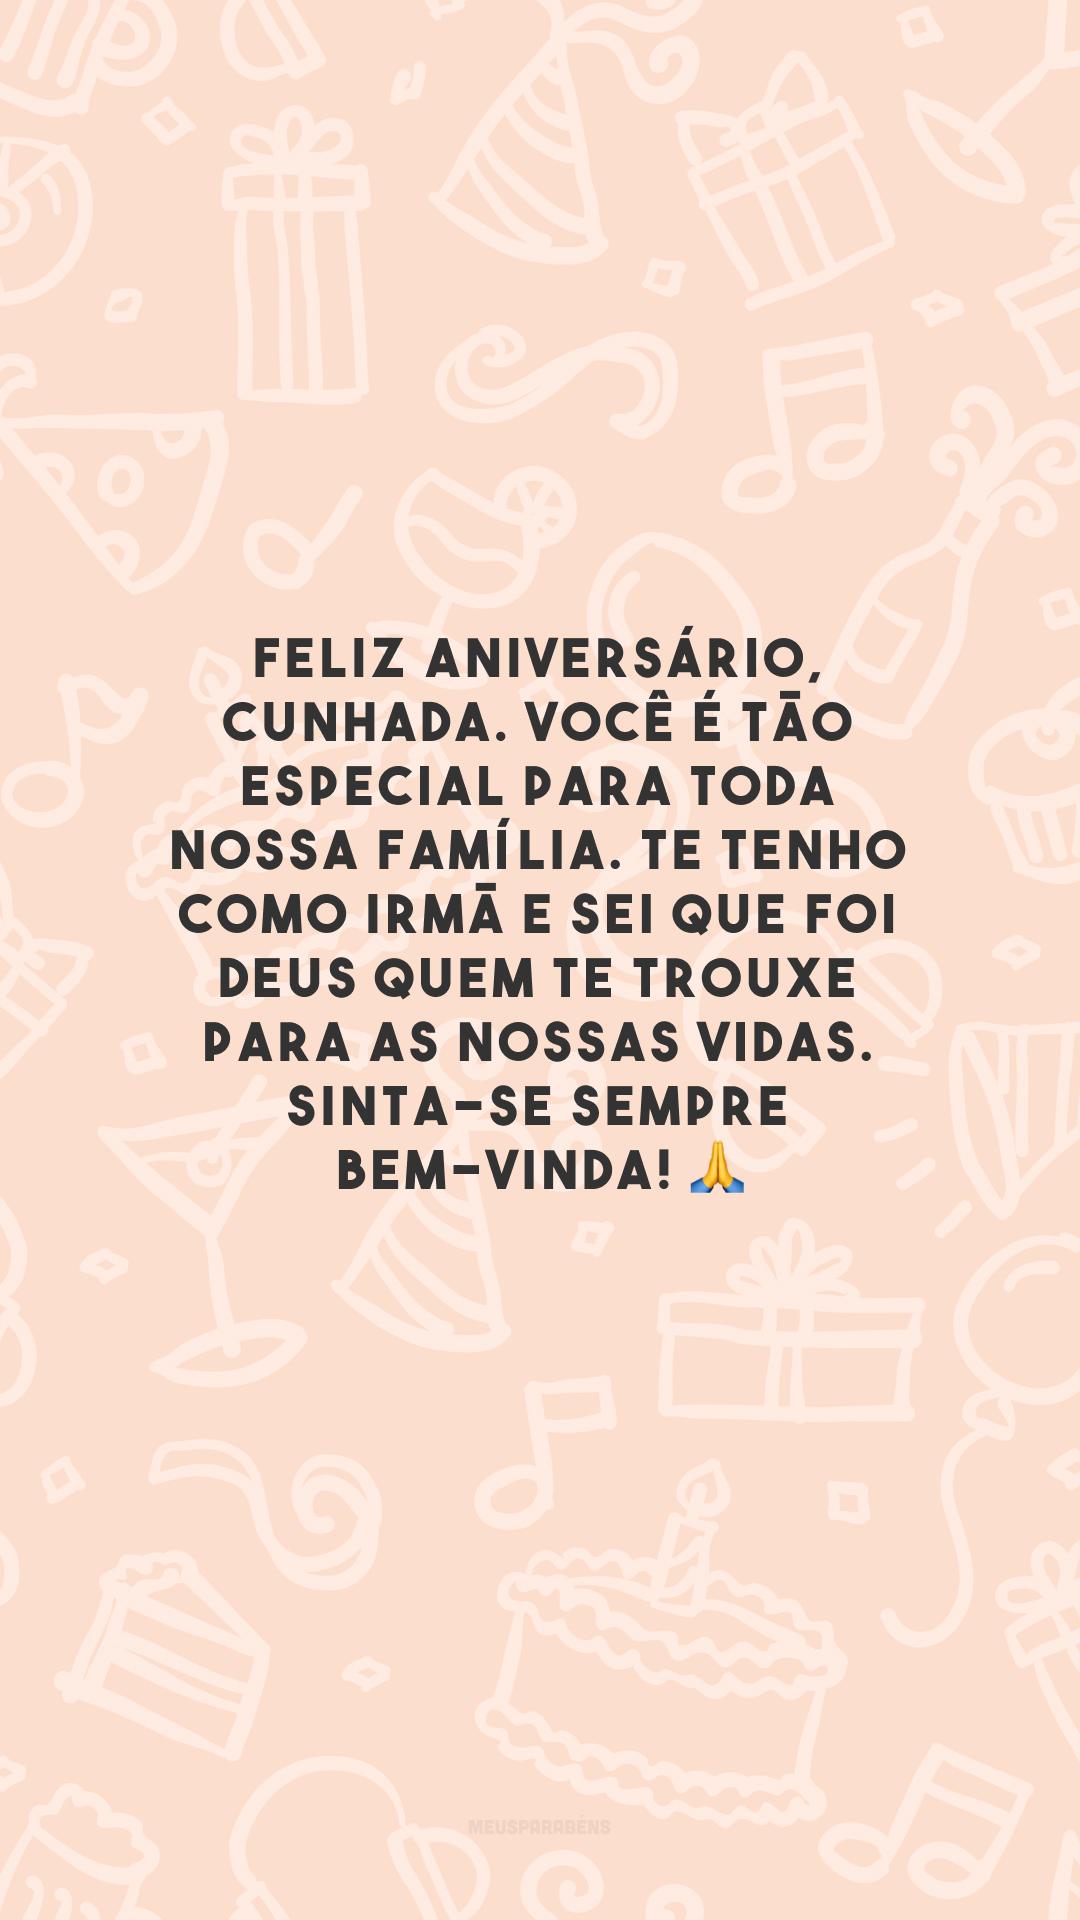 Feliz aniversário, cunhada. Você é tão especial para toda nossa família. Te tenho como irmã e sei que foi Deus quem te trouxe para as nossas vidas. Sinta-se sempre bem-vinda! 🙏